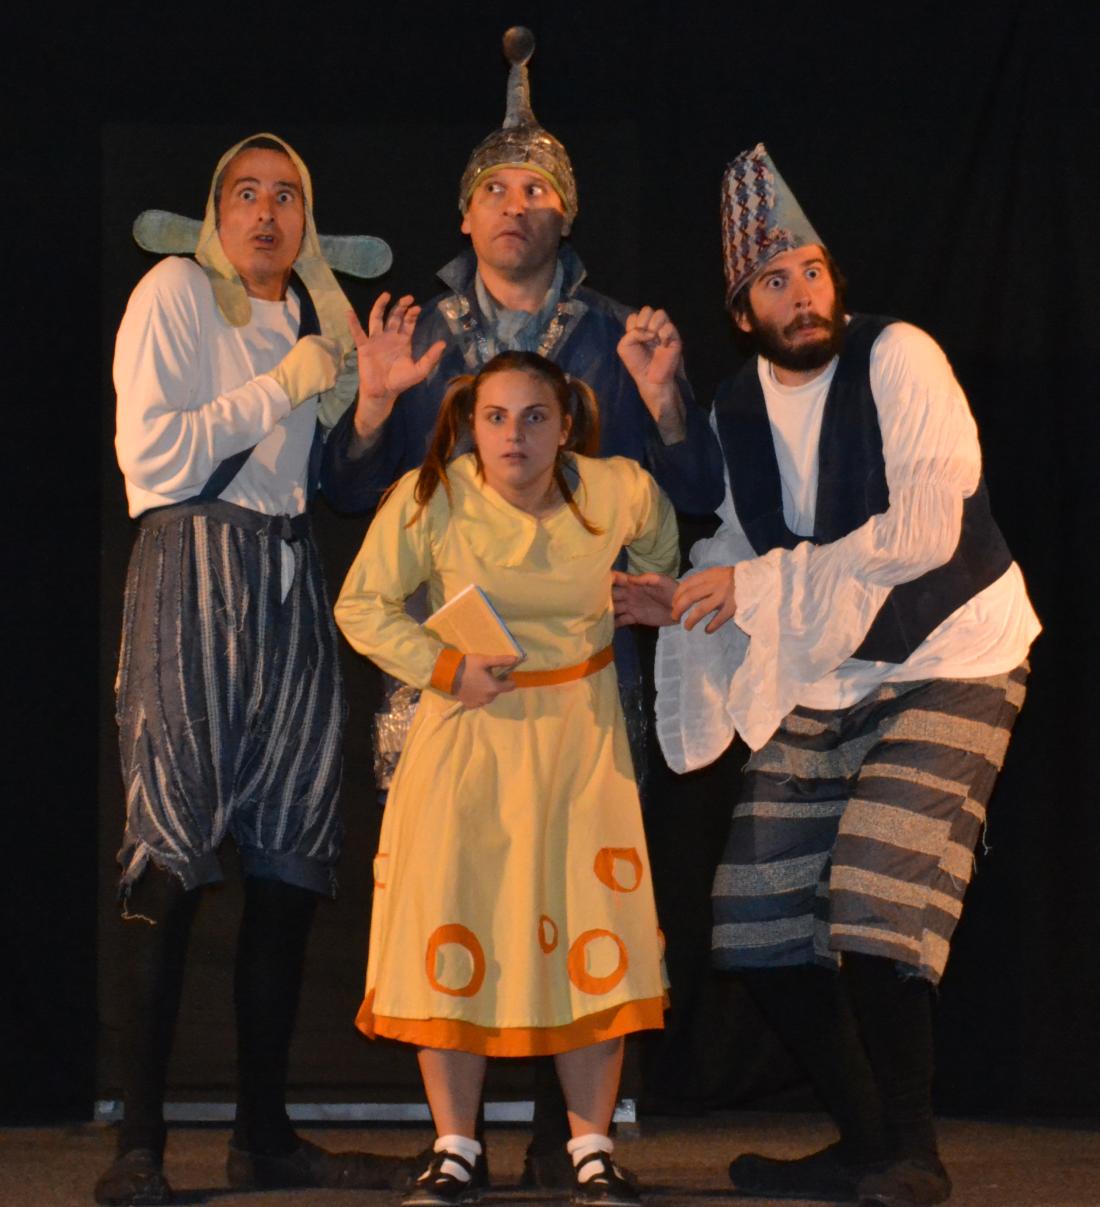 La Guida - Teatro per bambini a Saluzzo